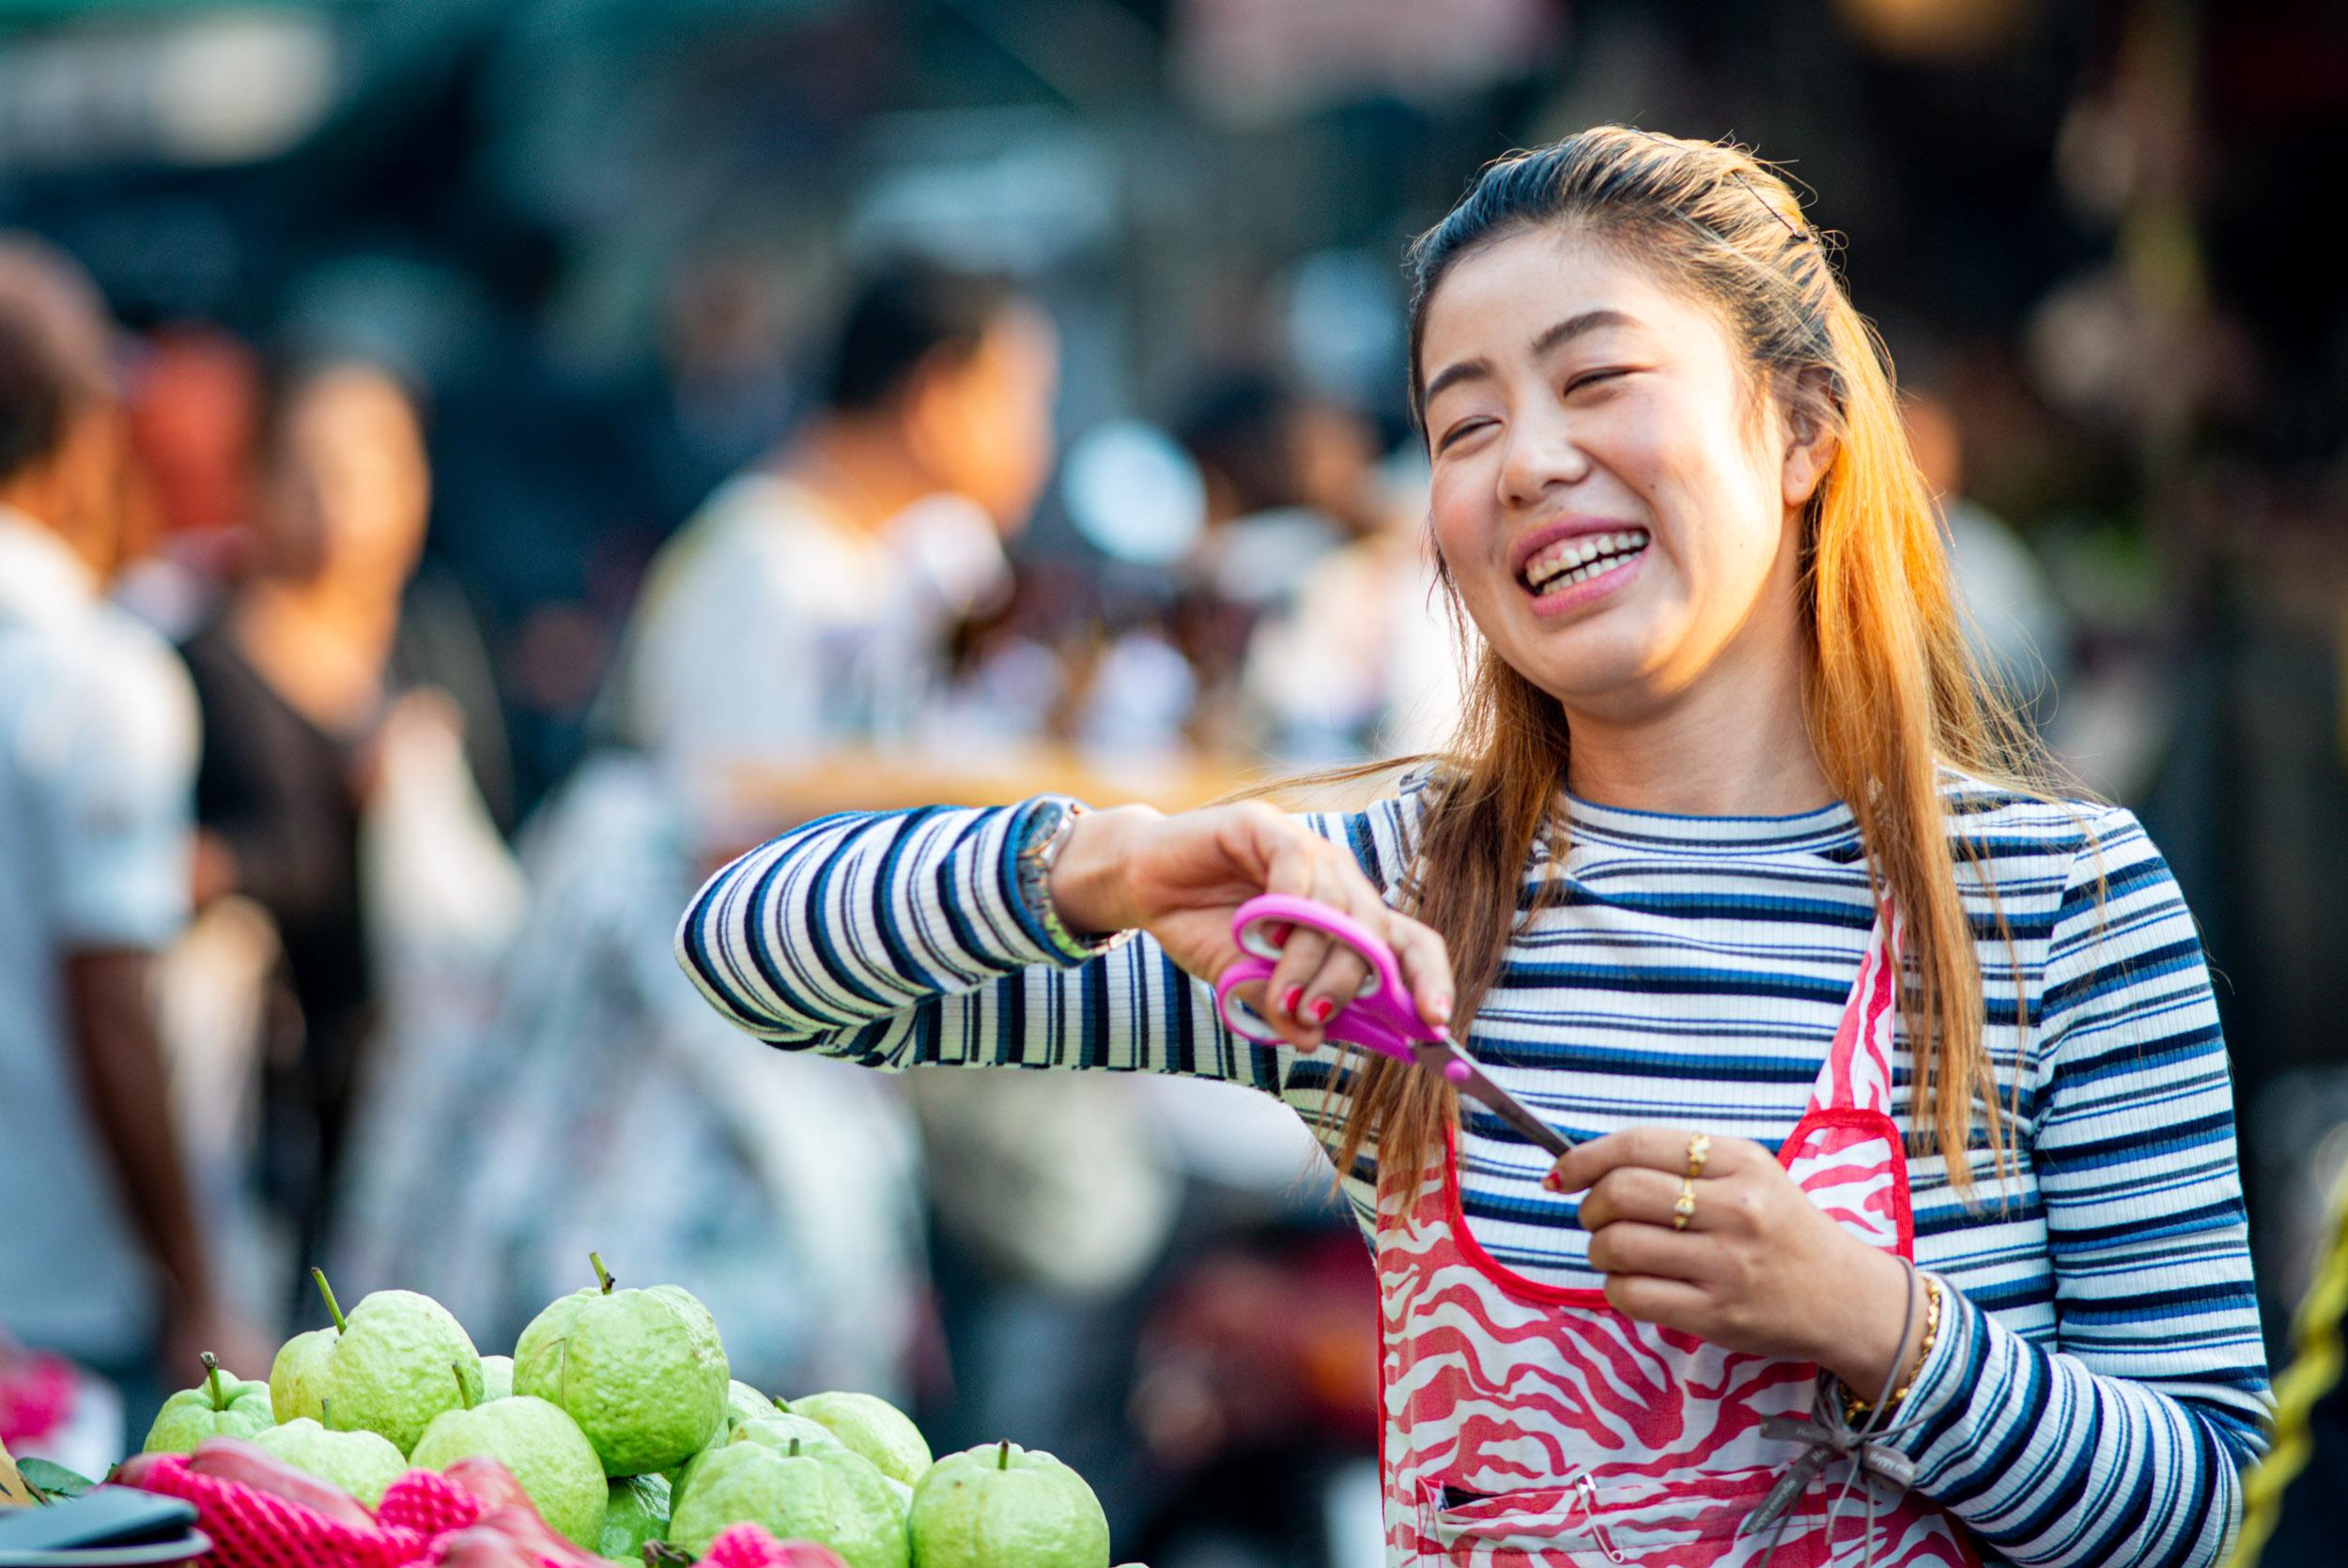 © Kevin Landwer-Johan. Fotografia de rua da mulher do mercado